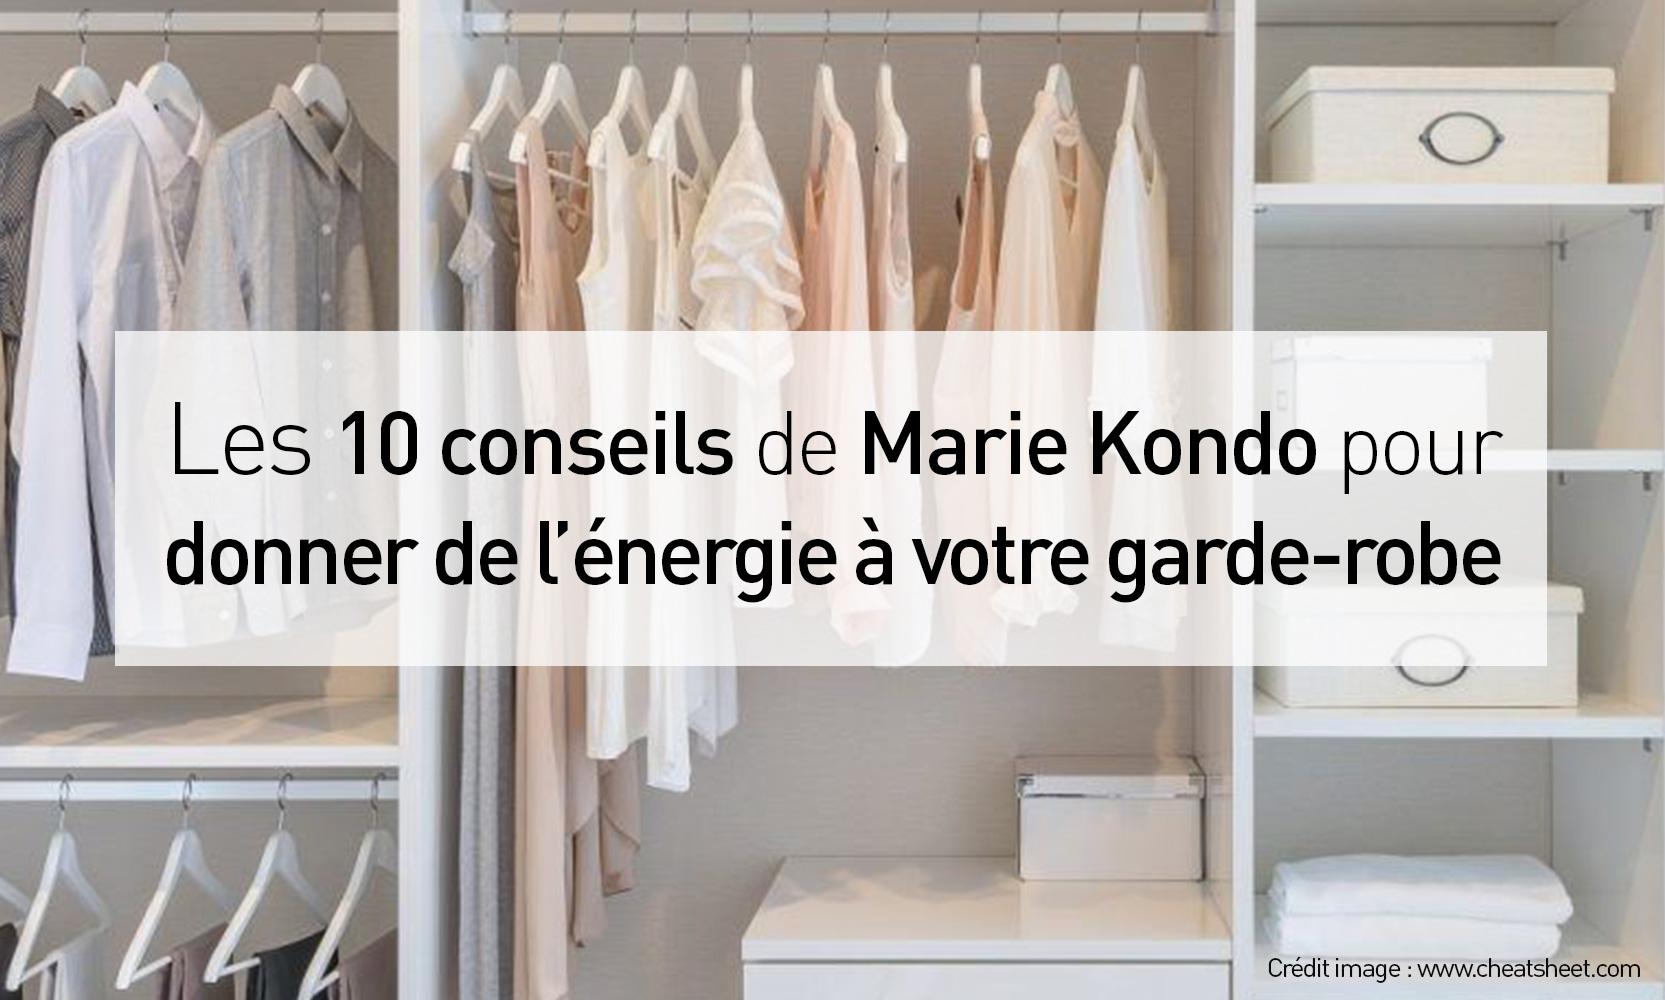 Les 10 conseils de marie kondo pour donner de l 39 nergie votre garde robe s 39 habiller vrai - Meuble pour ranger vetement ...